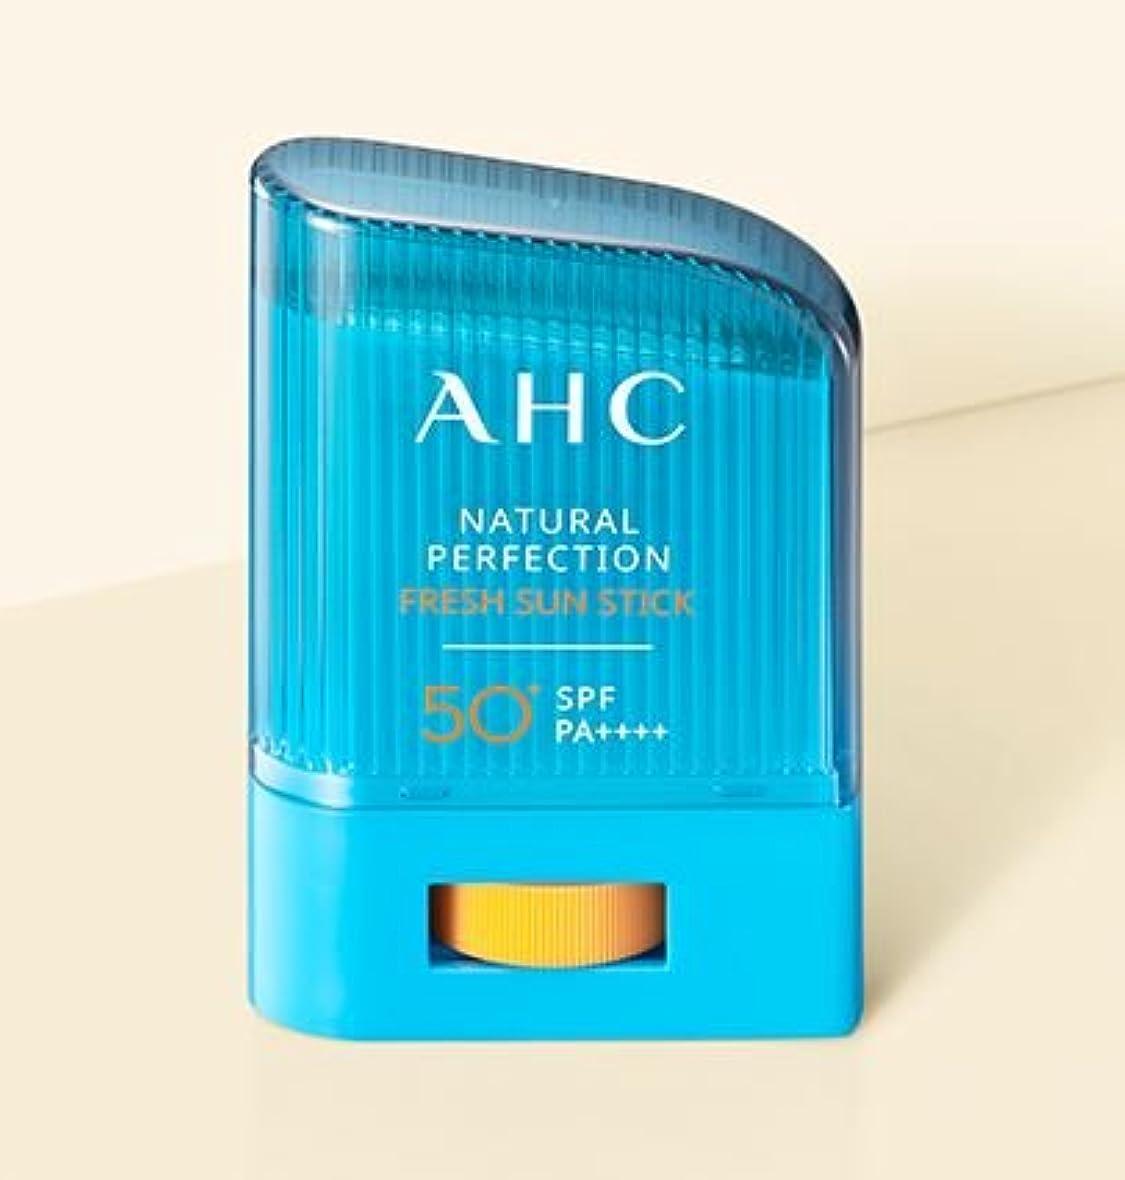 おなじみのプロポーショナル観察するAHC Natural perfection fresh sun stick (14g) [並行輸入品]